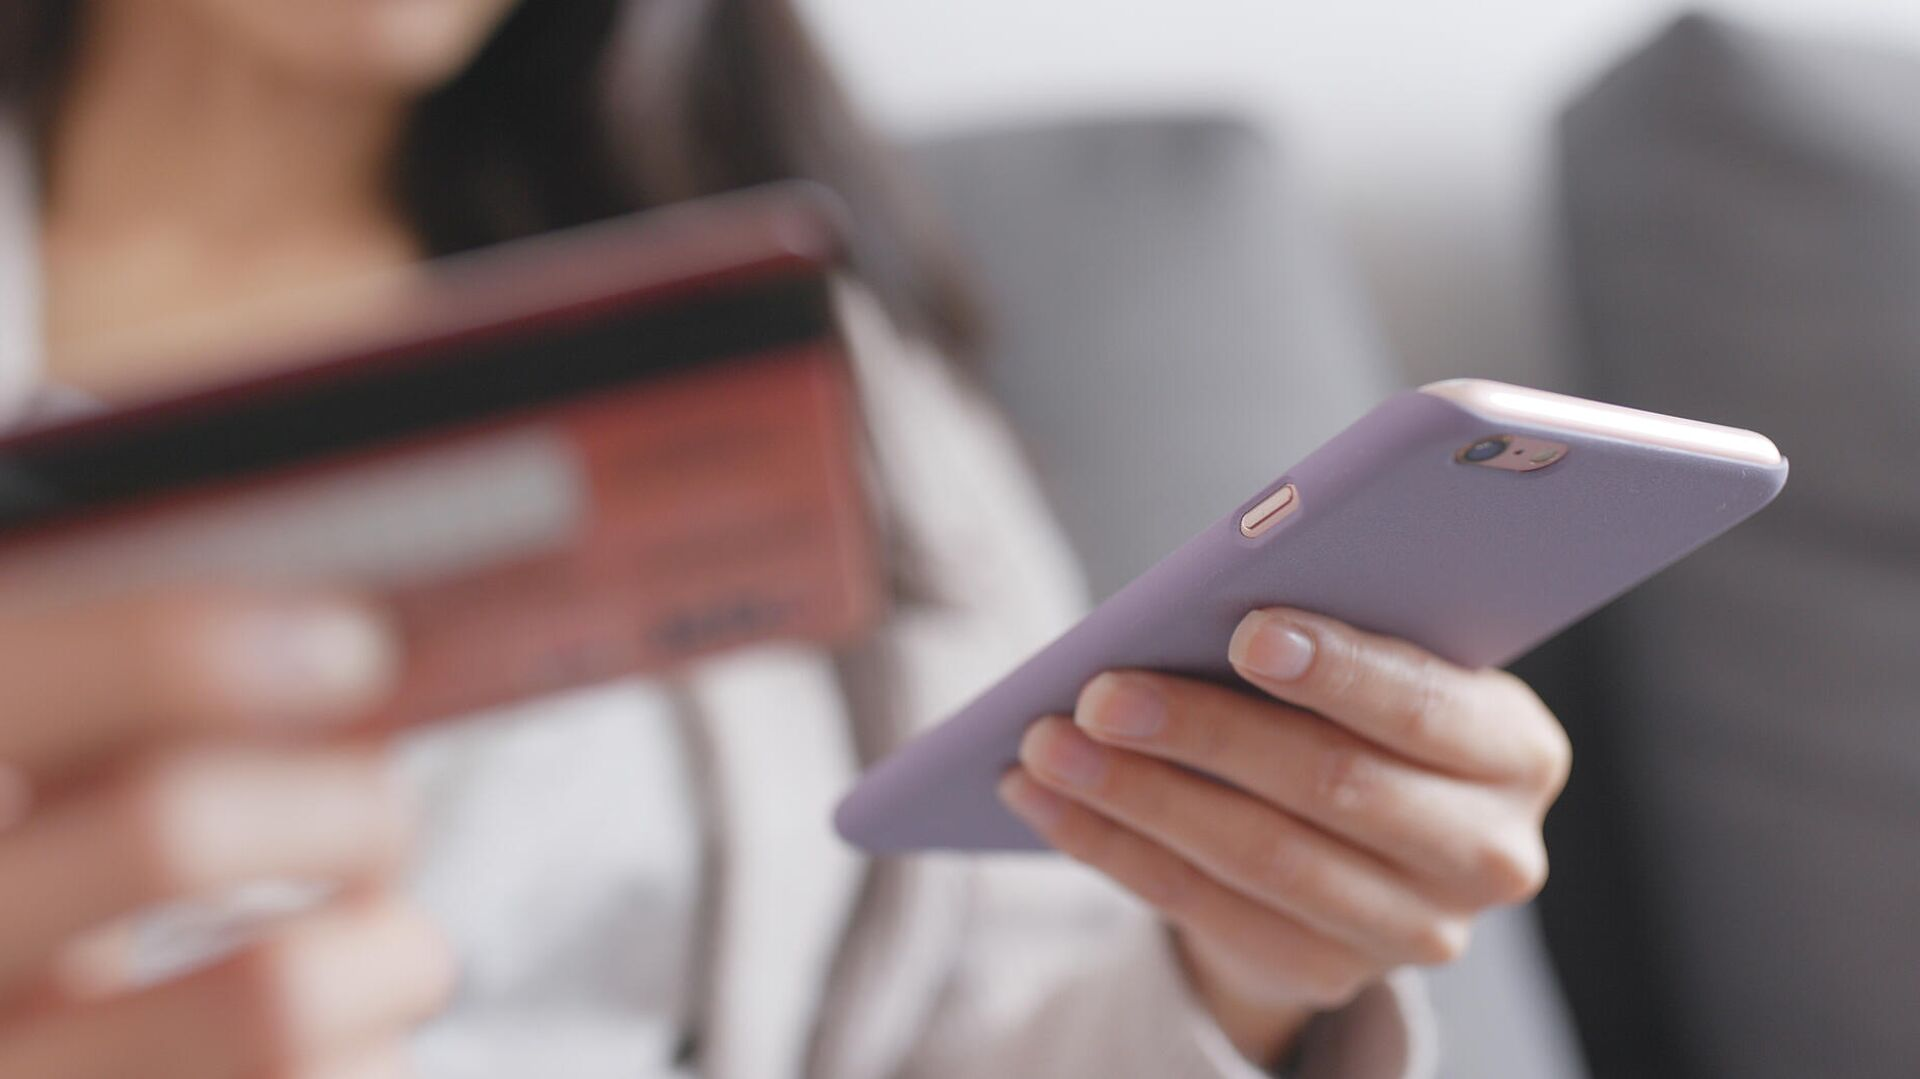 Минфин прорабатывает меры по возврату денег жертвам телефонных мошенников